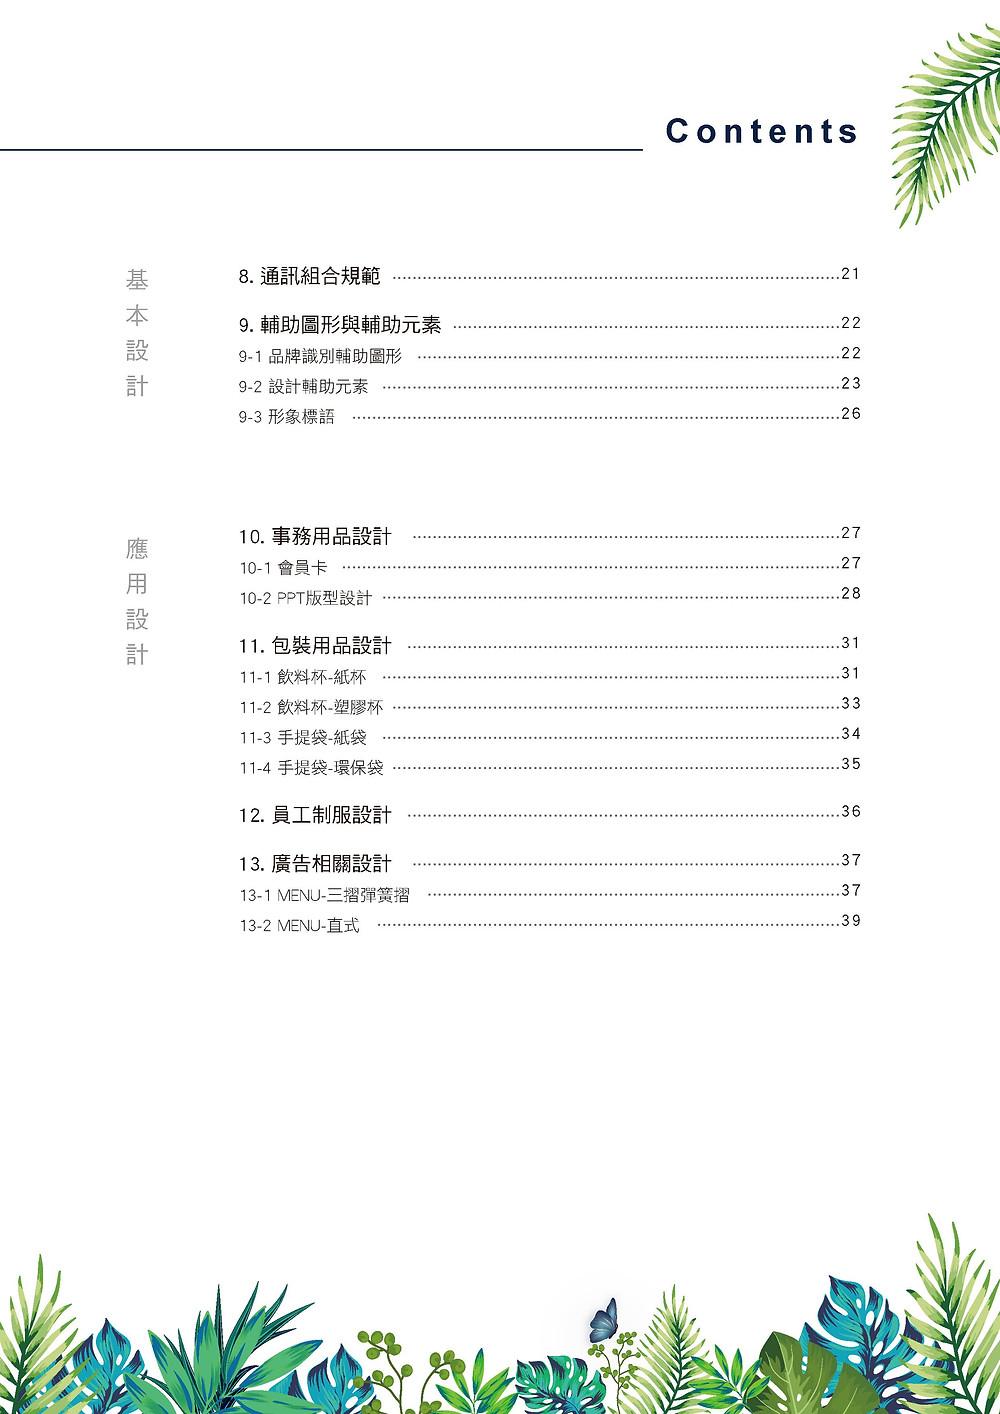 萃萃泡沫茶坊 品牌識別系統手冊 目錄2